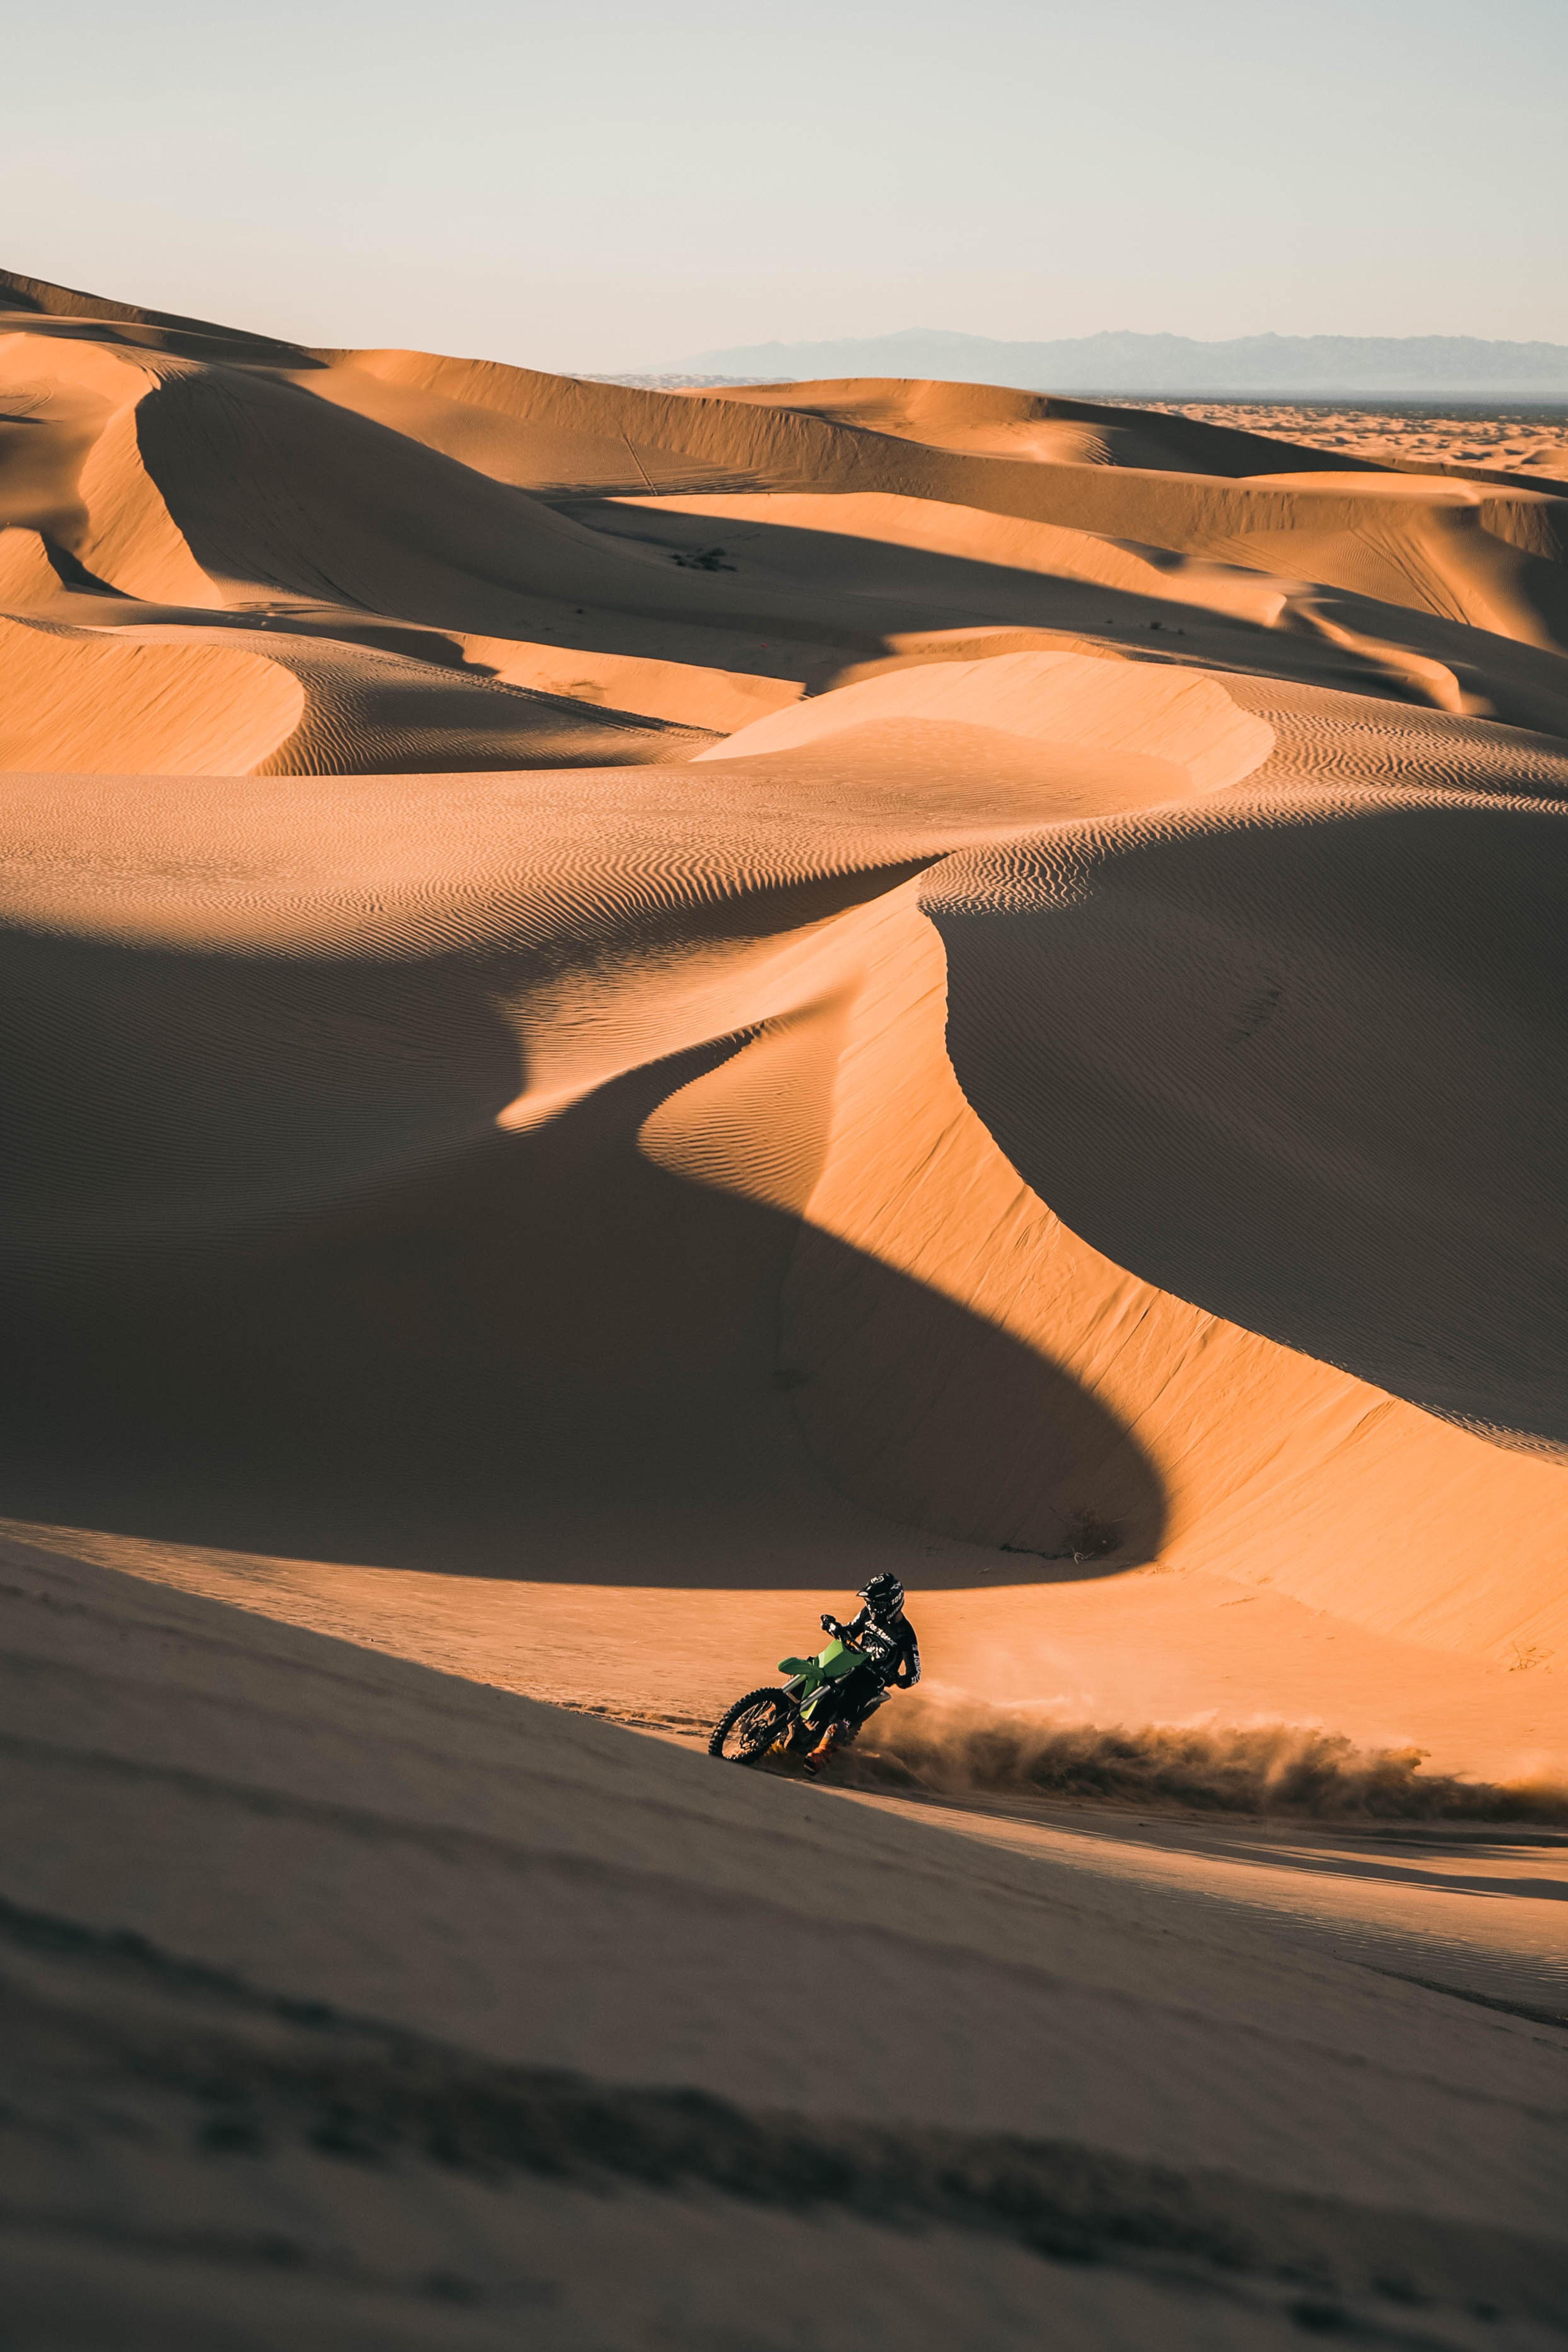 123154 скачать обои Песок, Мотоциклы, Пустыня, Ралли, Мотоциклист, Мотоцикл, Ktm - заставки и картинки бесплатно